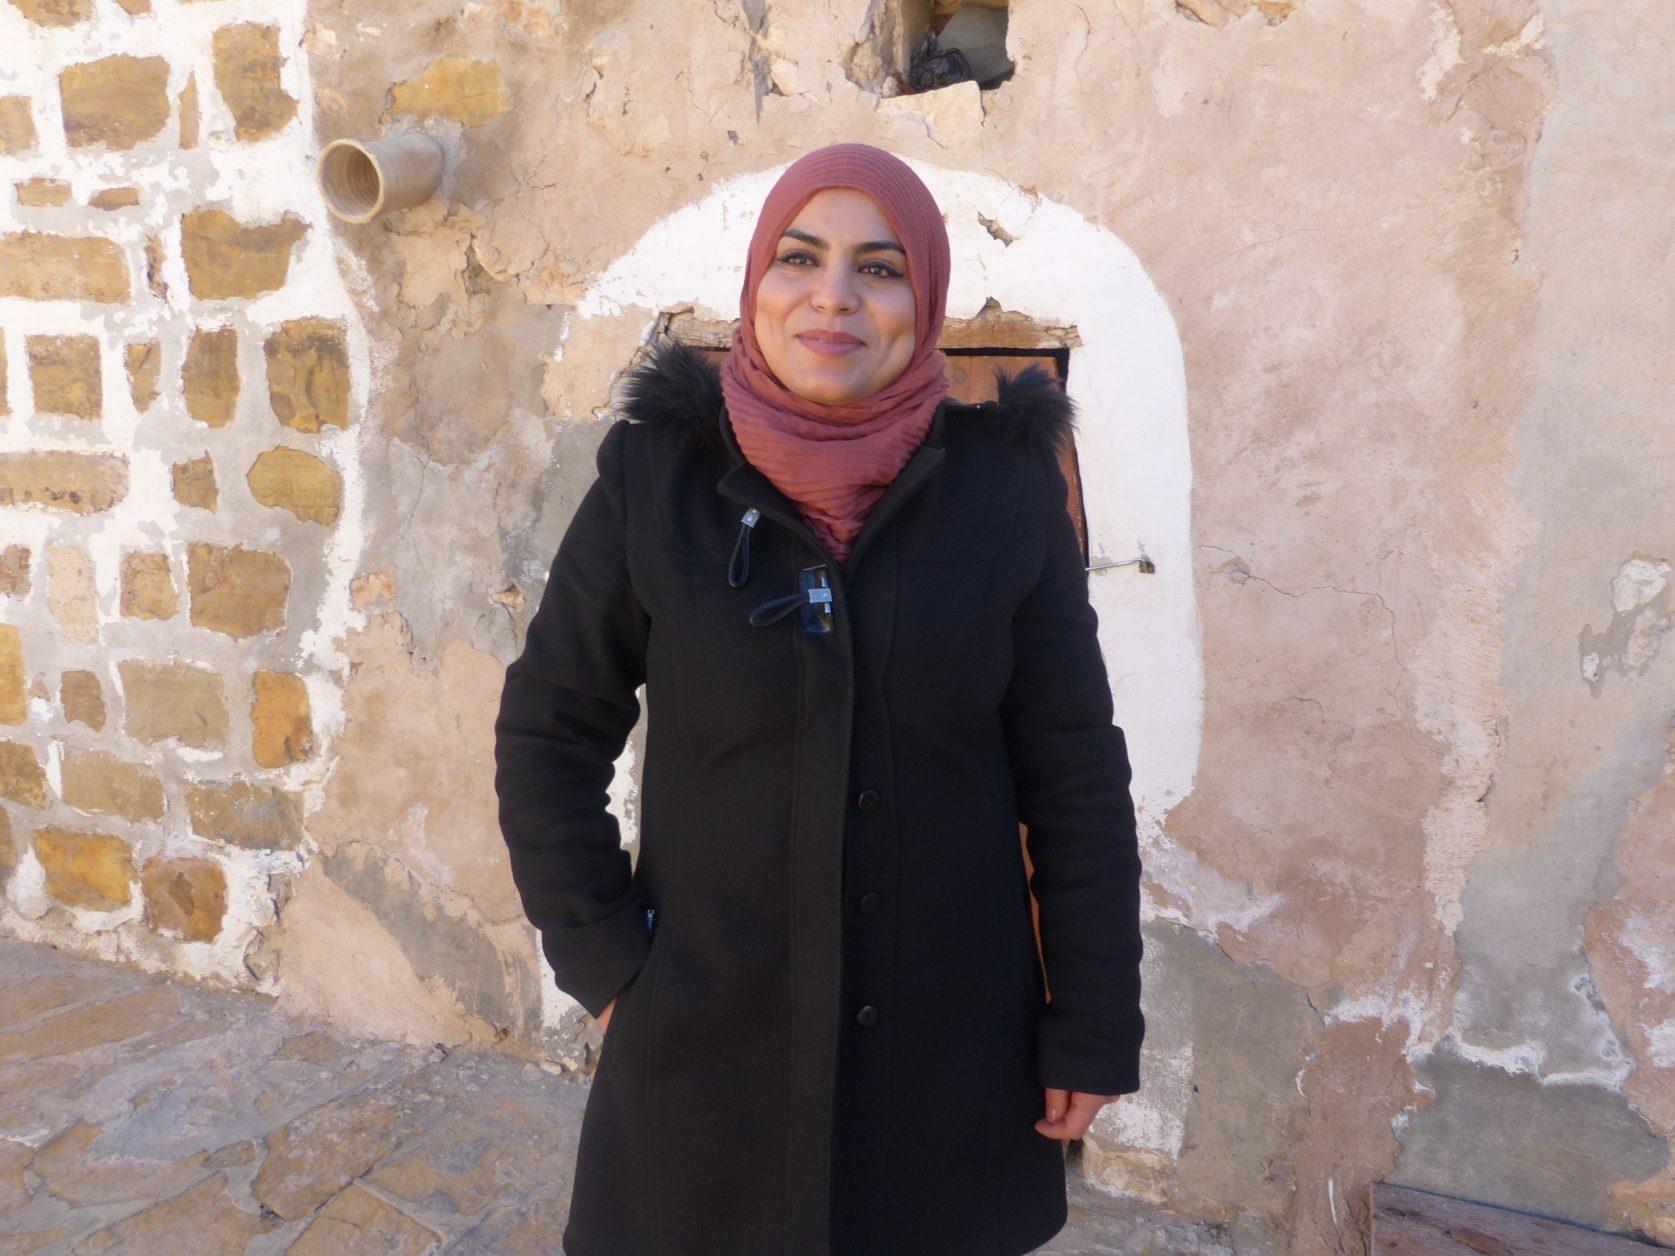 Selbstbewußte Bürgermeisterin wünscht sich mehr Touristen für ihre Region